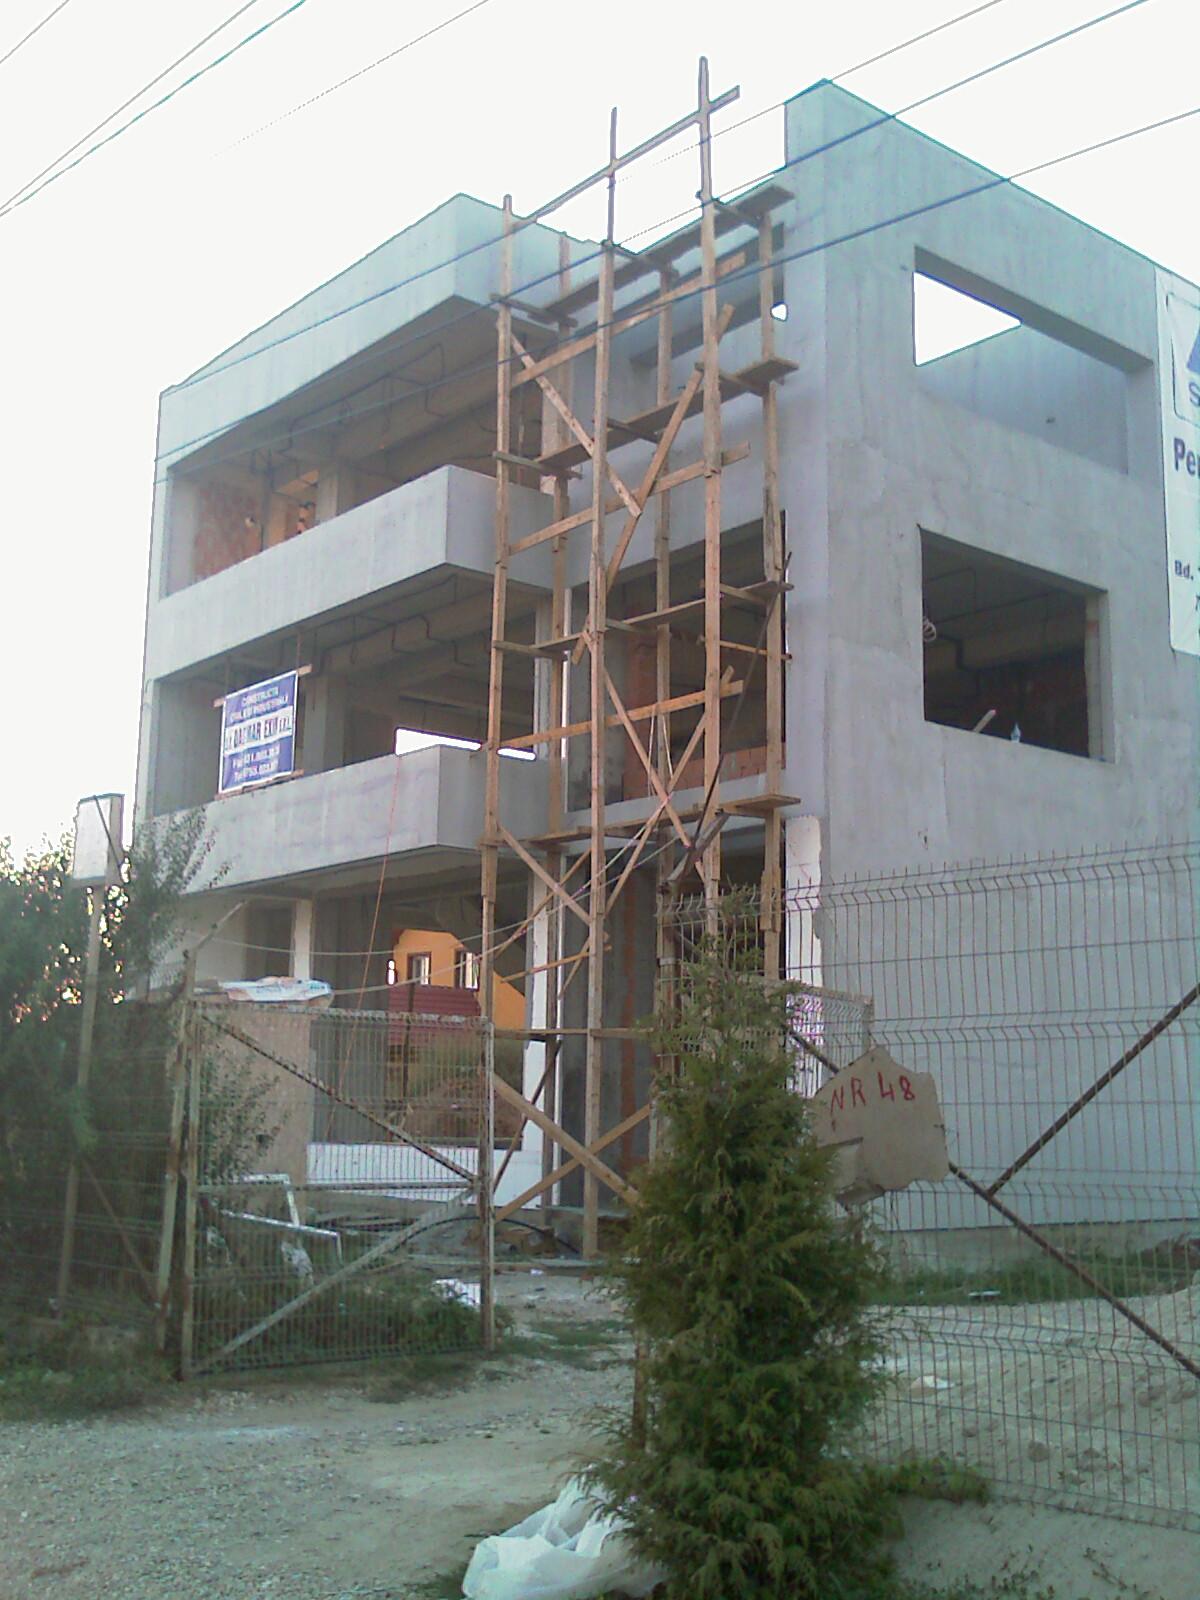 Aplicarea tratamentelor de impermeabilizare - Imobil birouri - DAG MAR - Corbeanca UNICO PROFIT - Poza 89